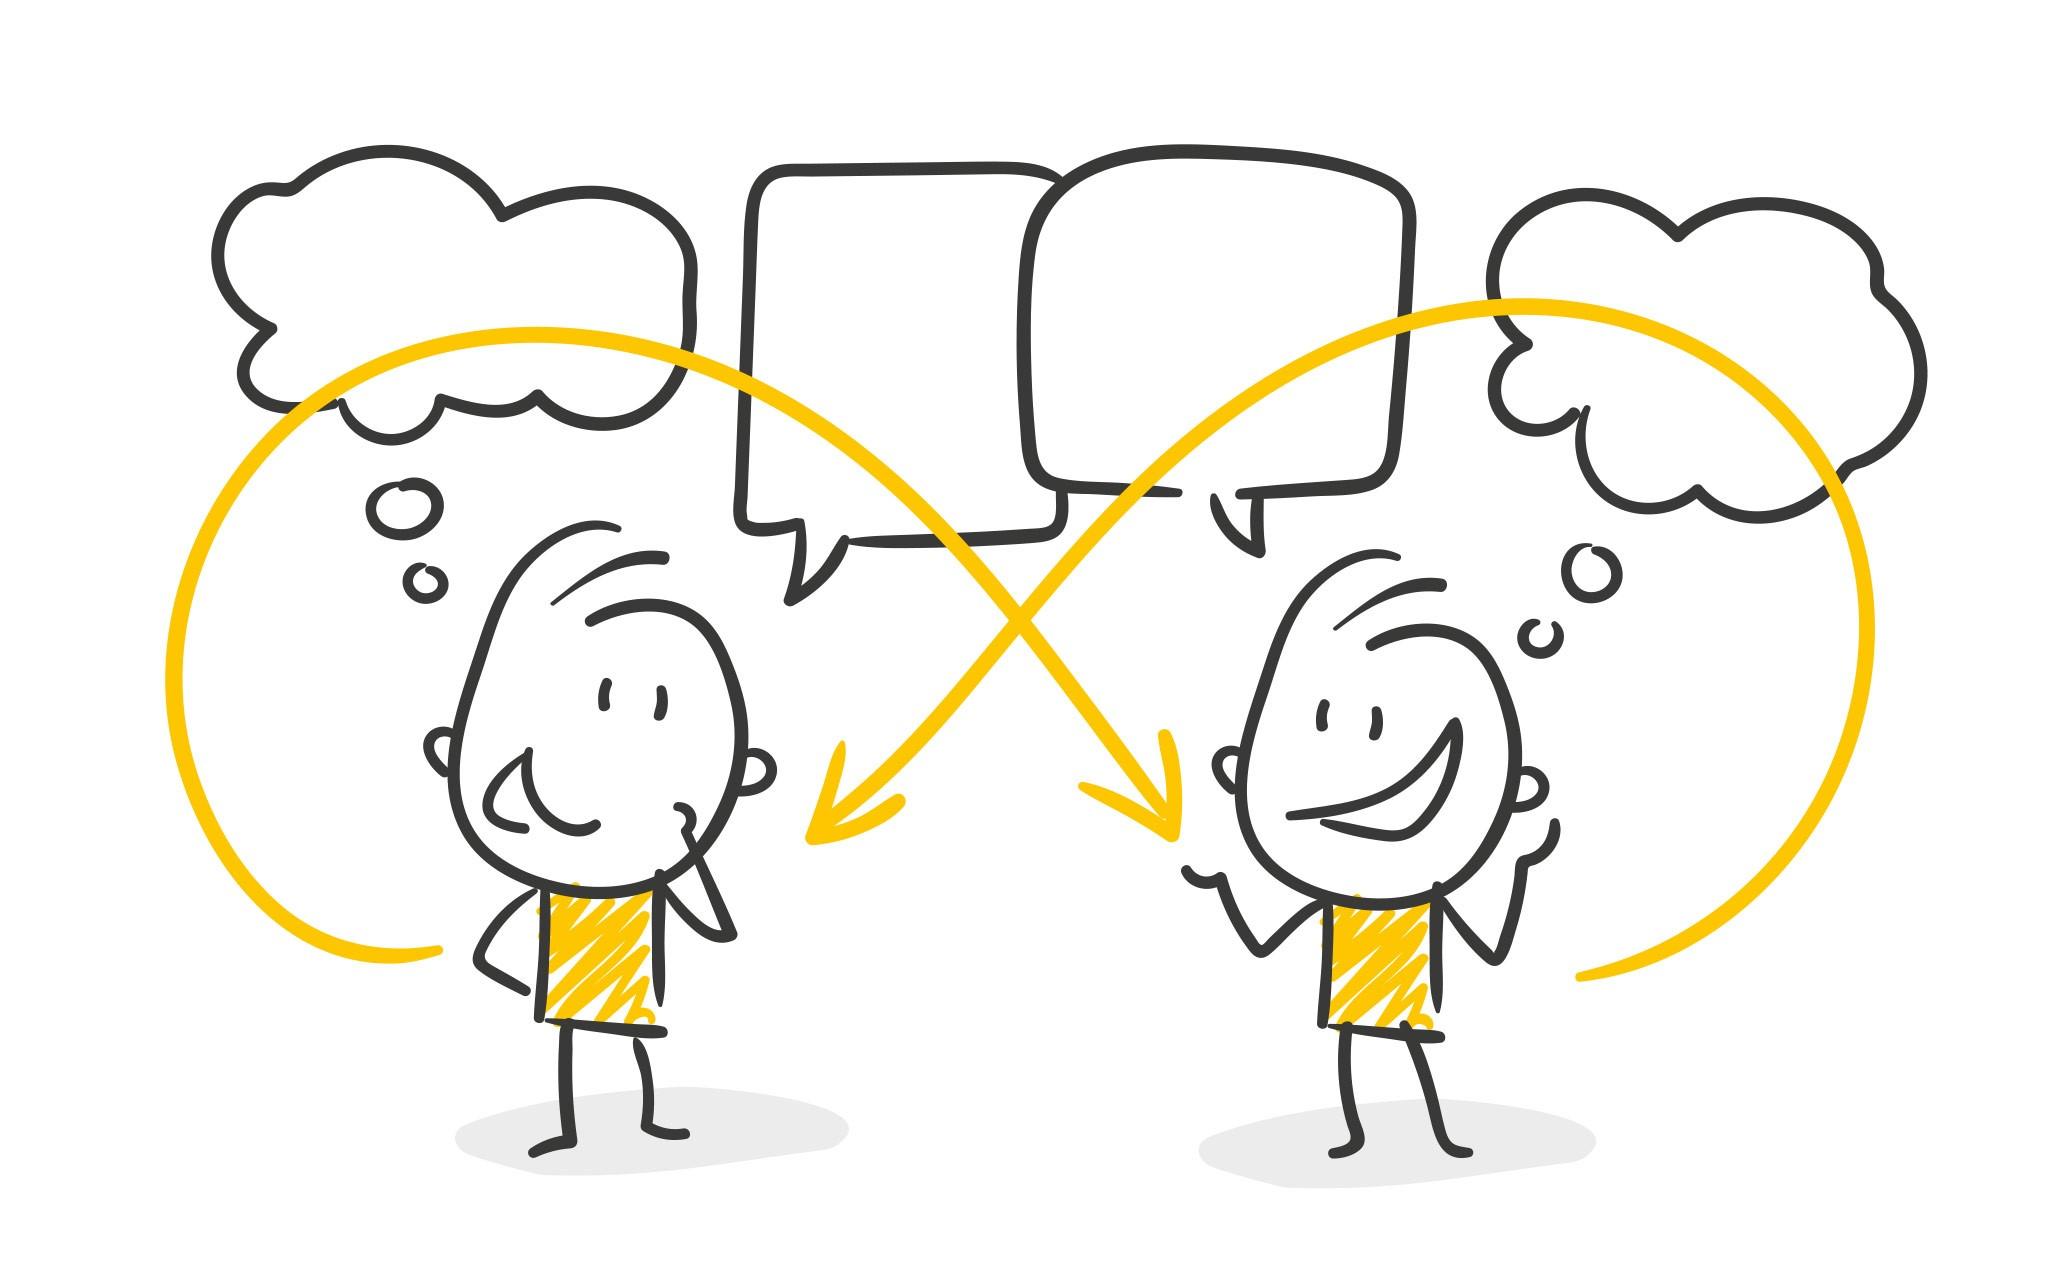 Illustrationen zweier Strickmännchen, die sich angeregt unterhalten.